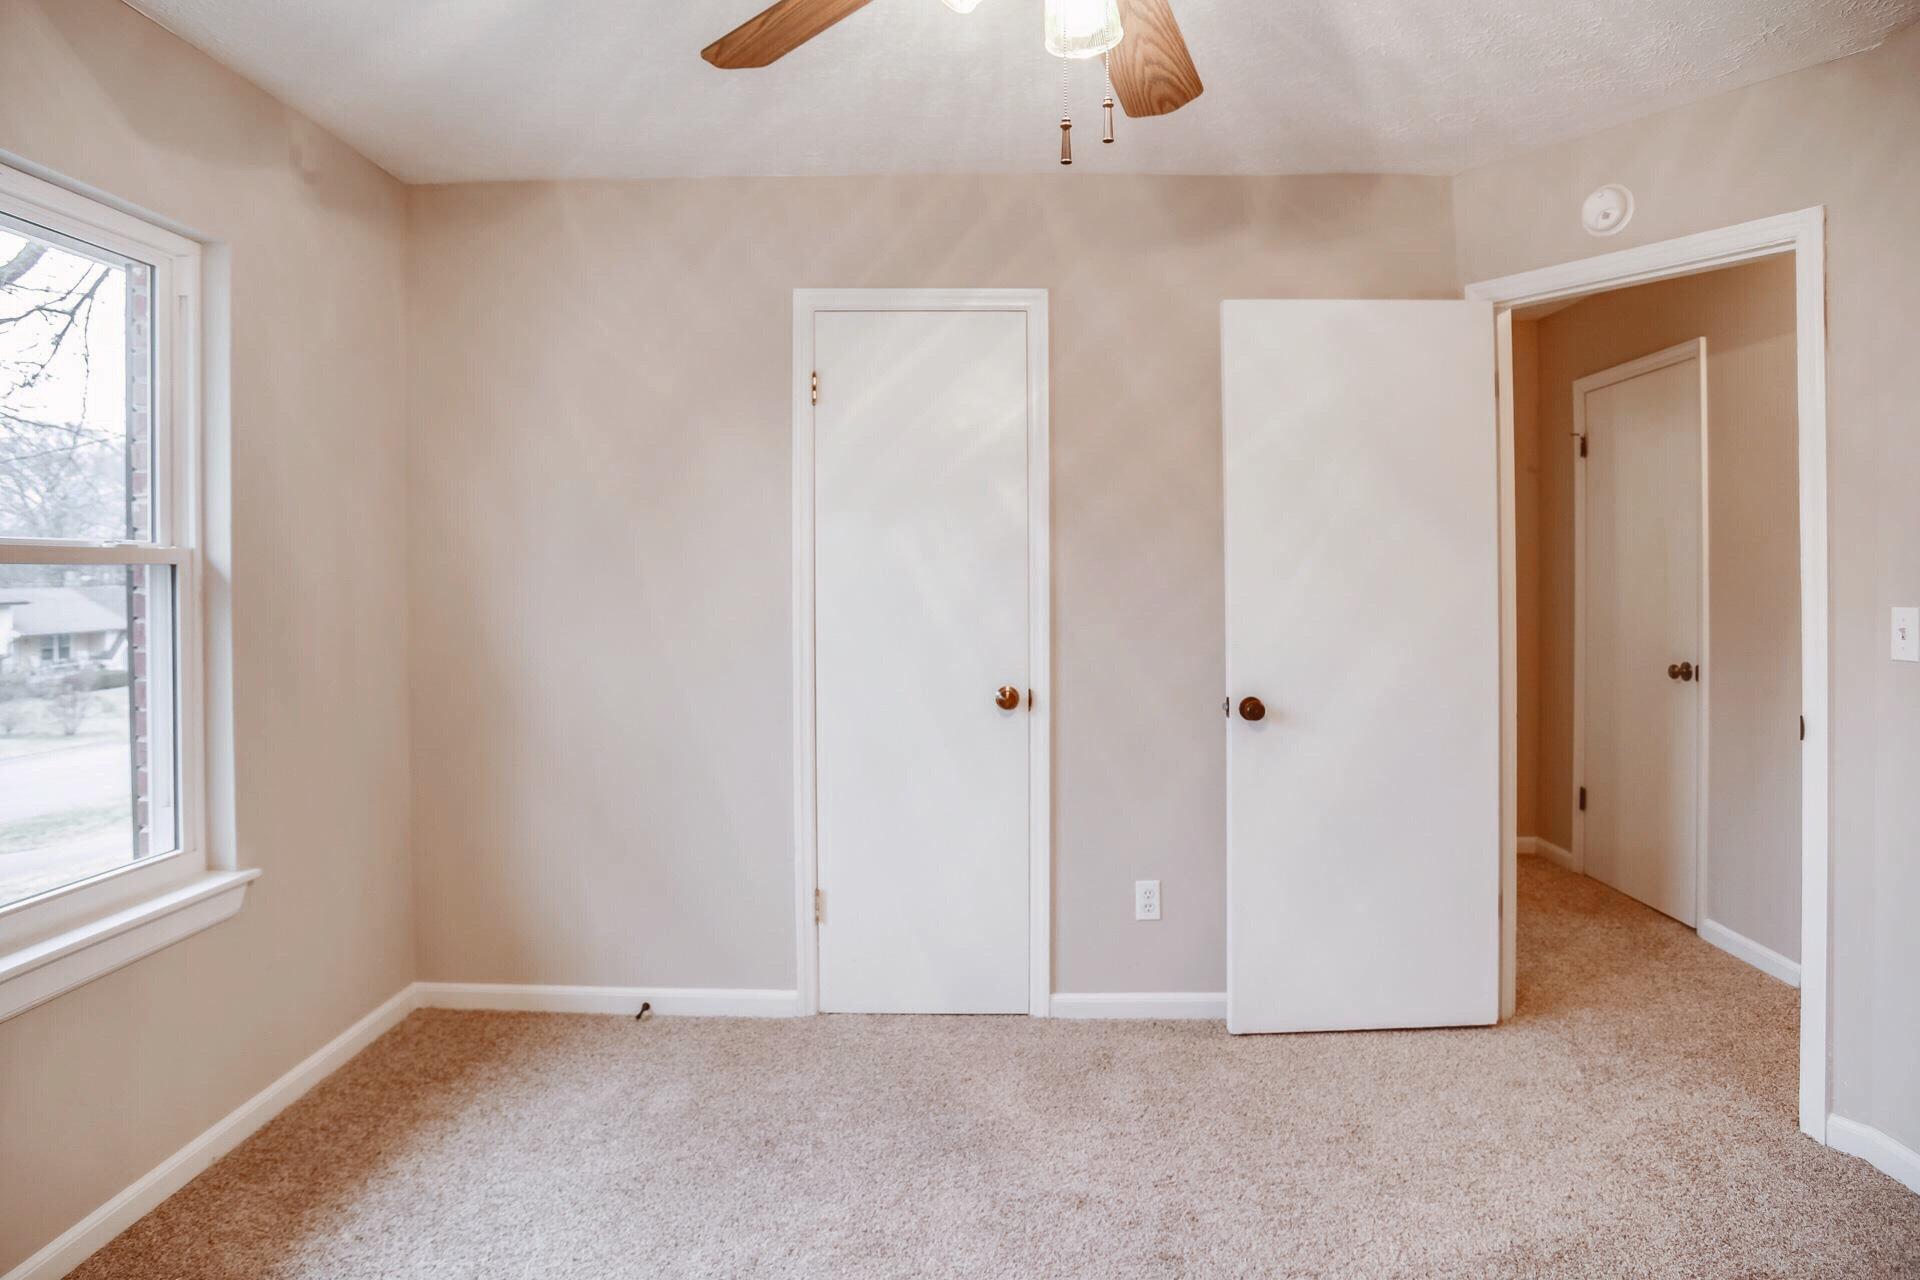 Phoenix's Room